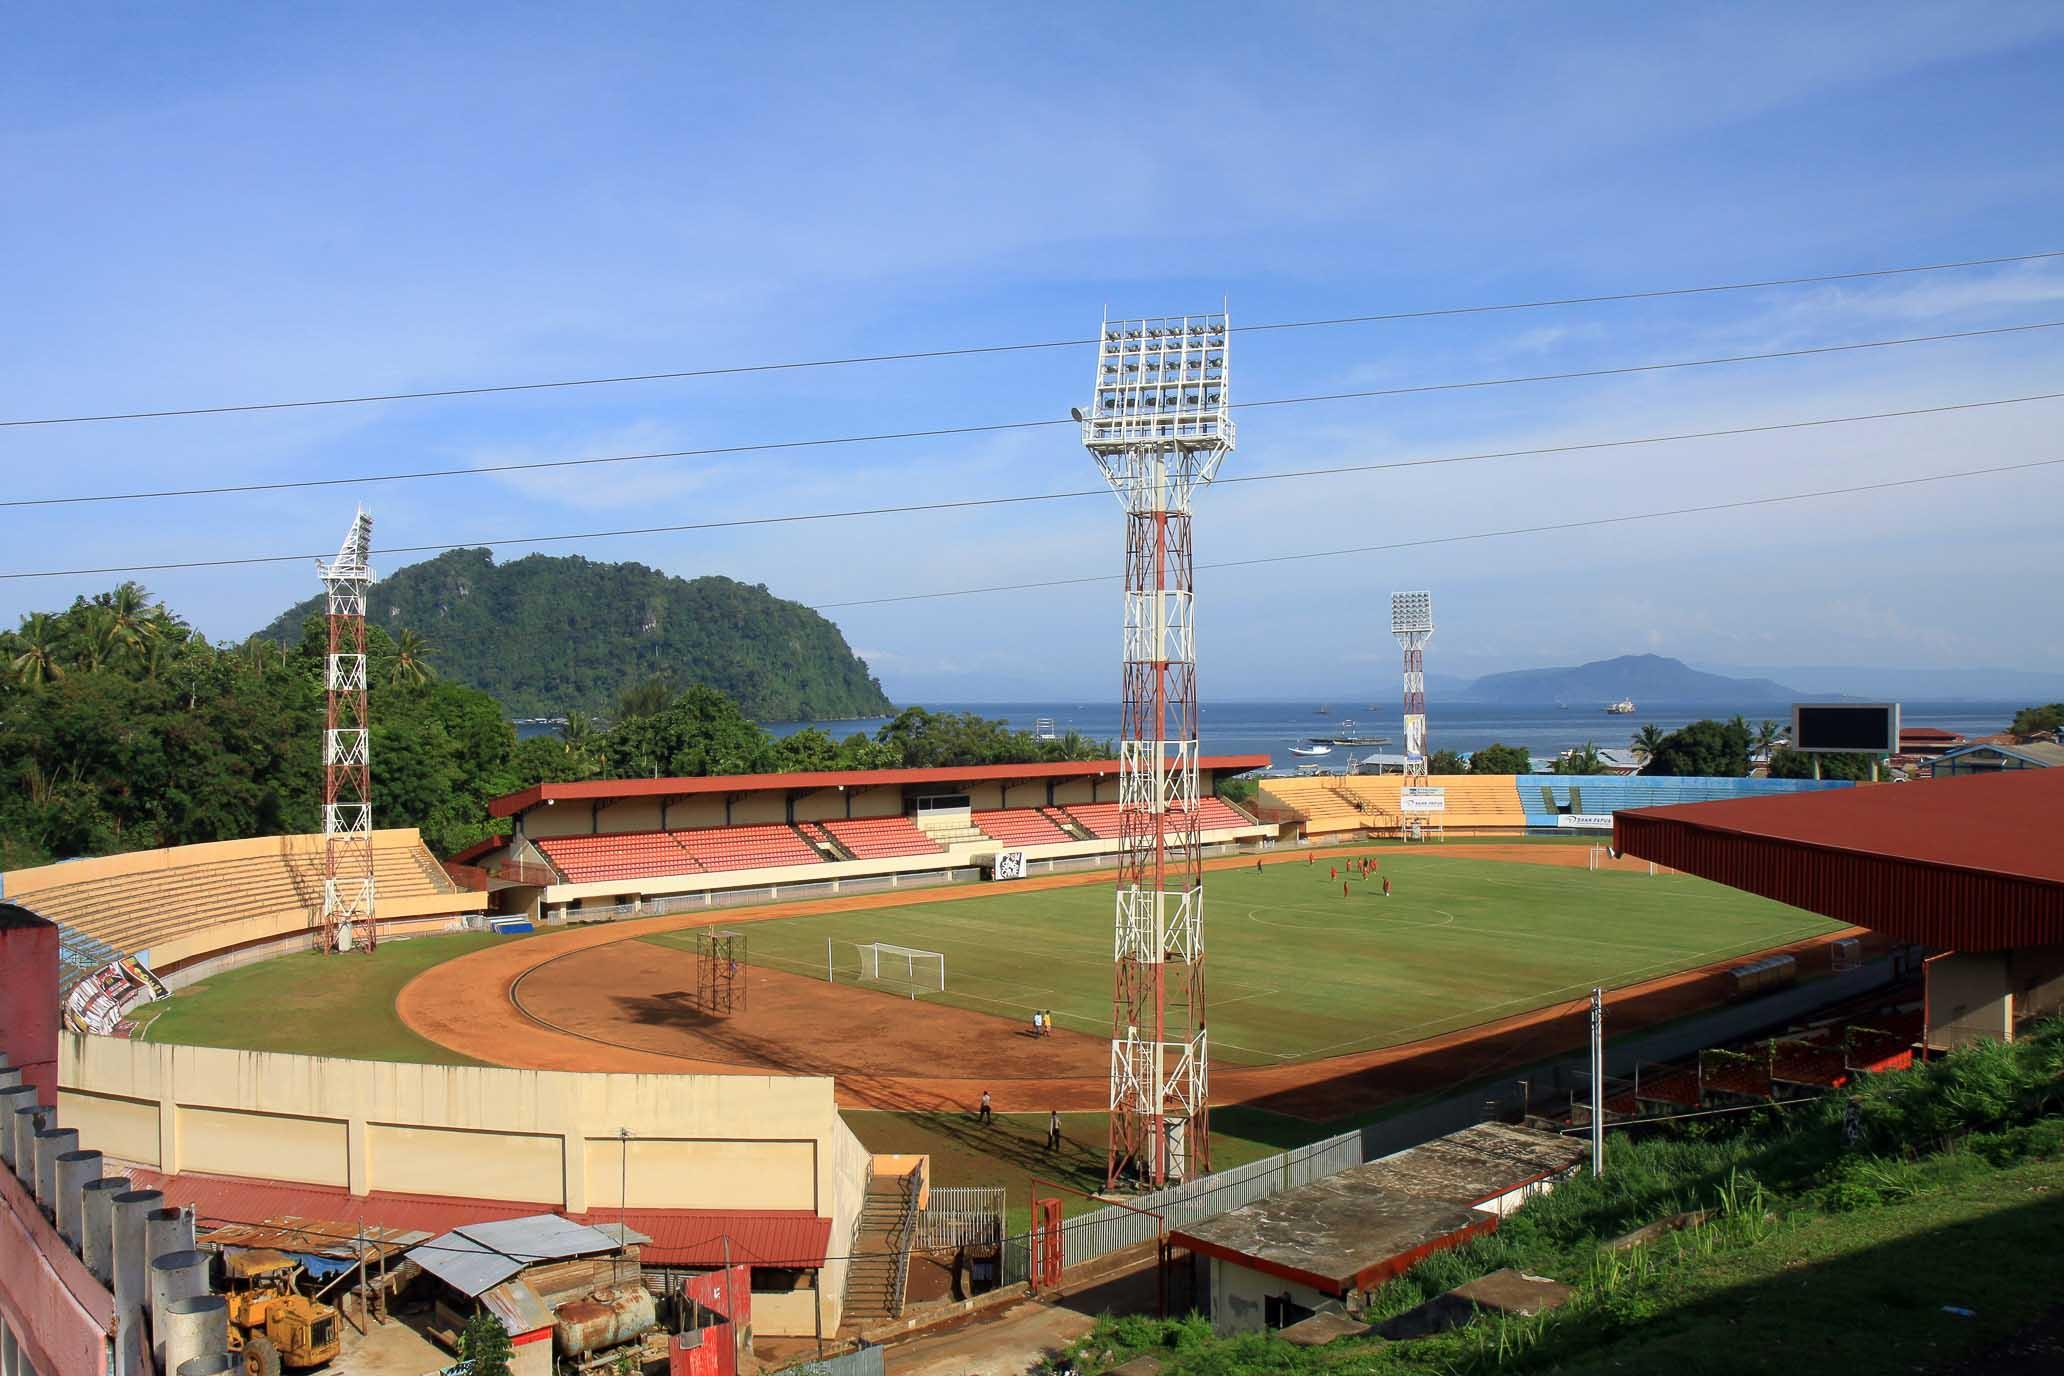 stadion von persipura